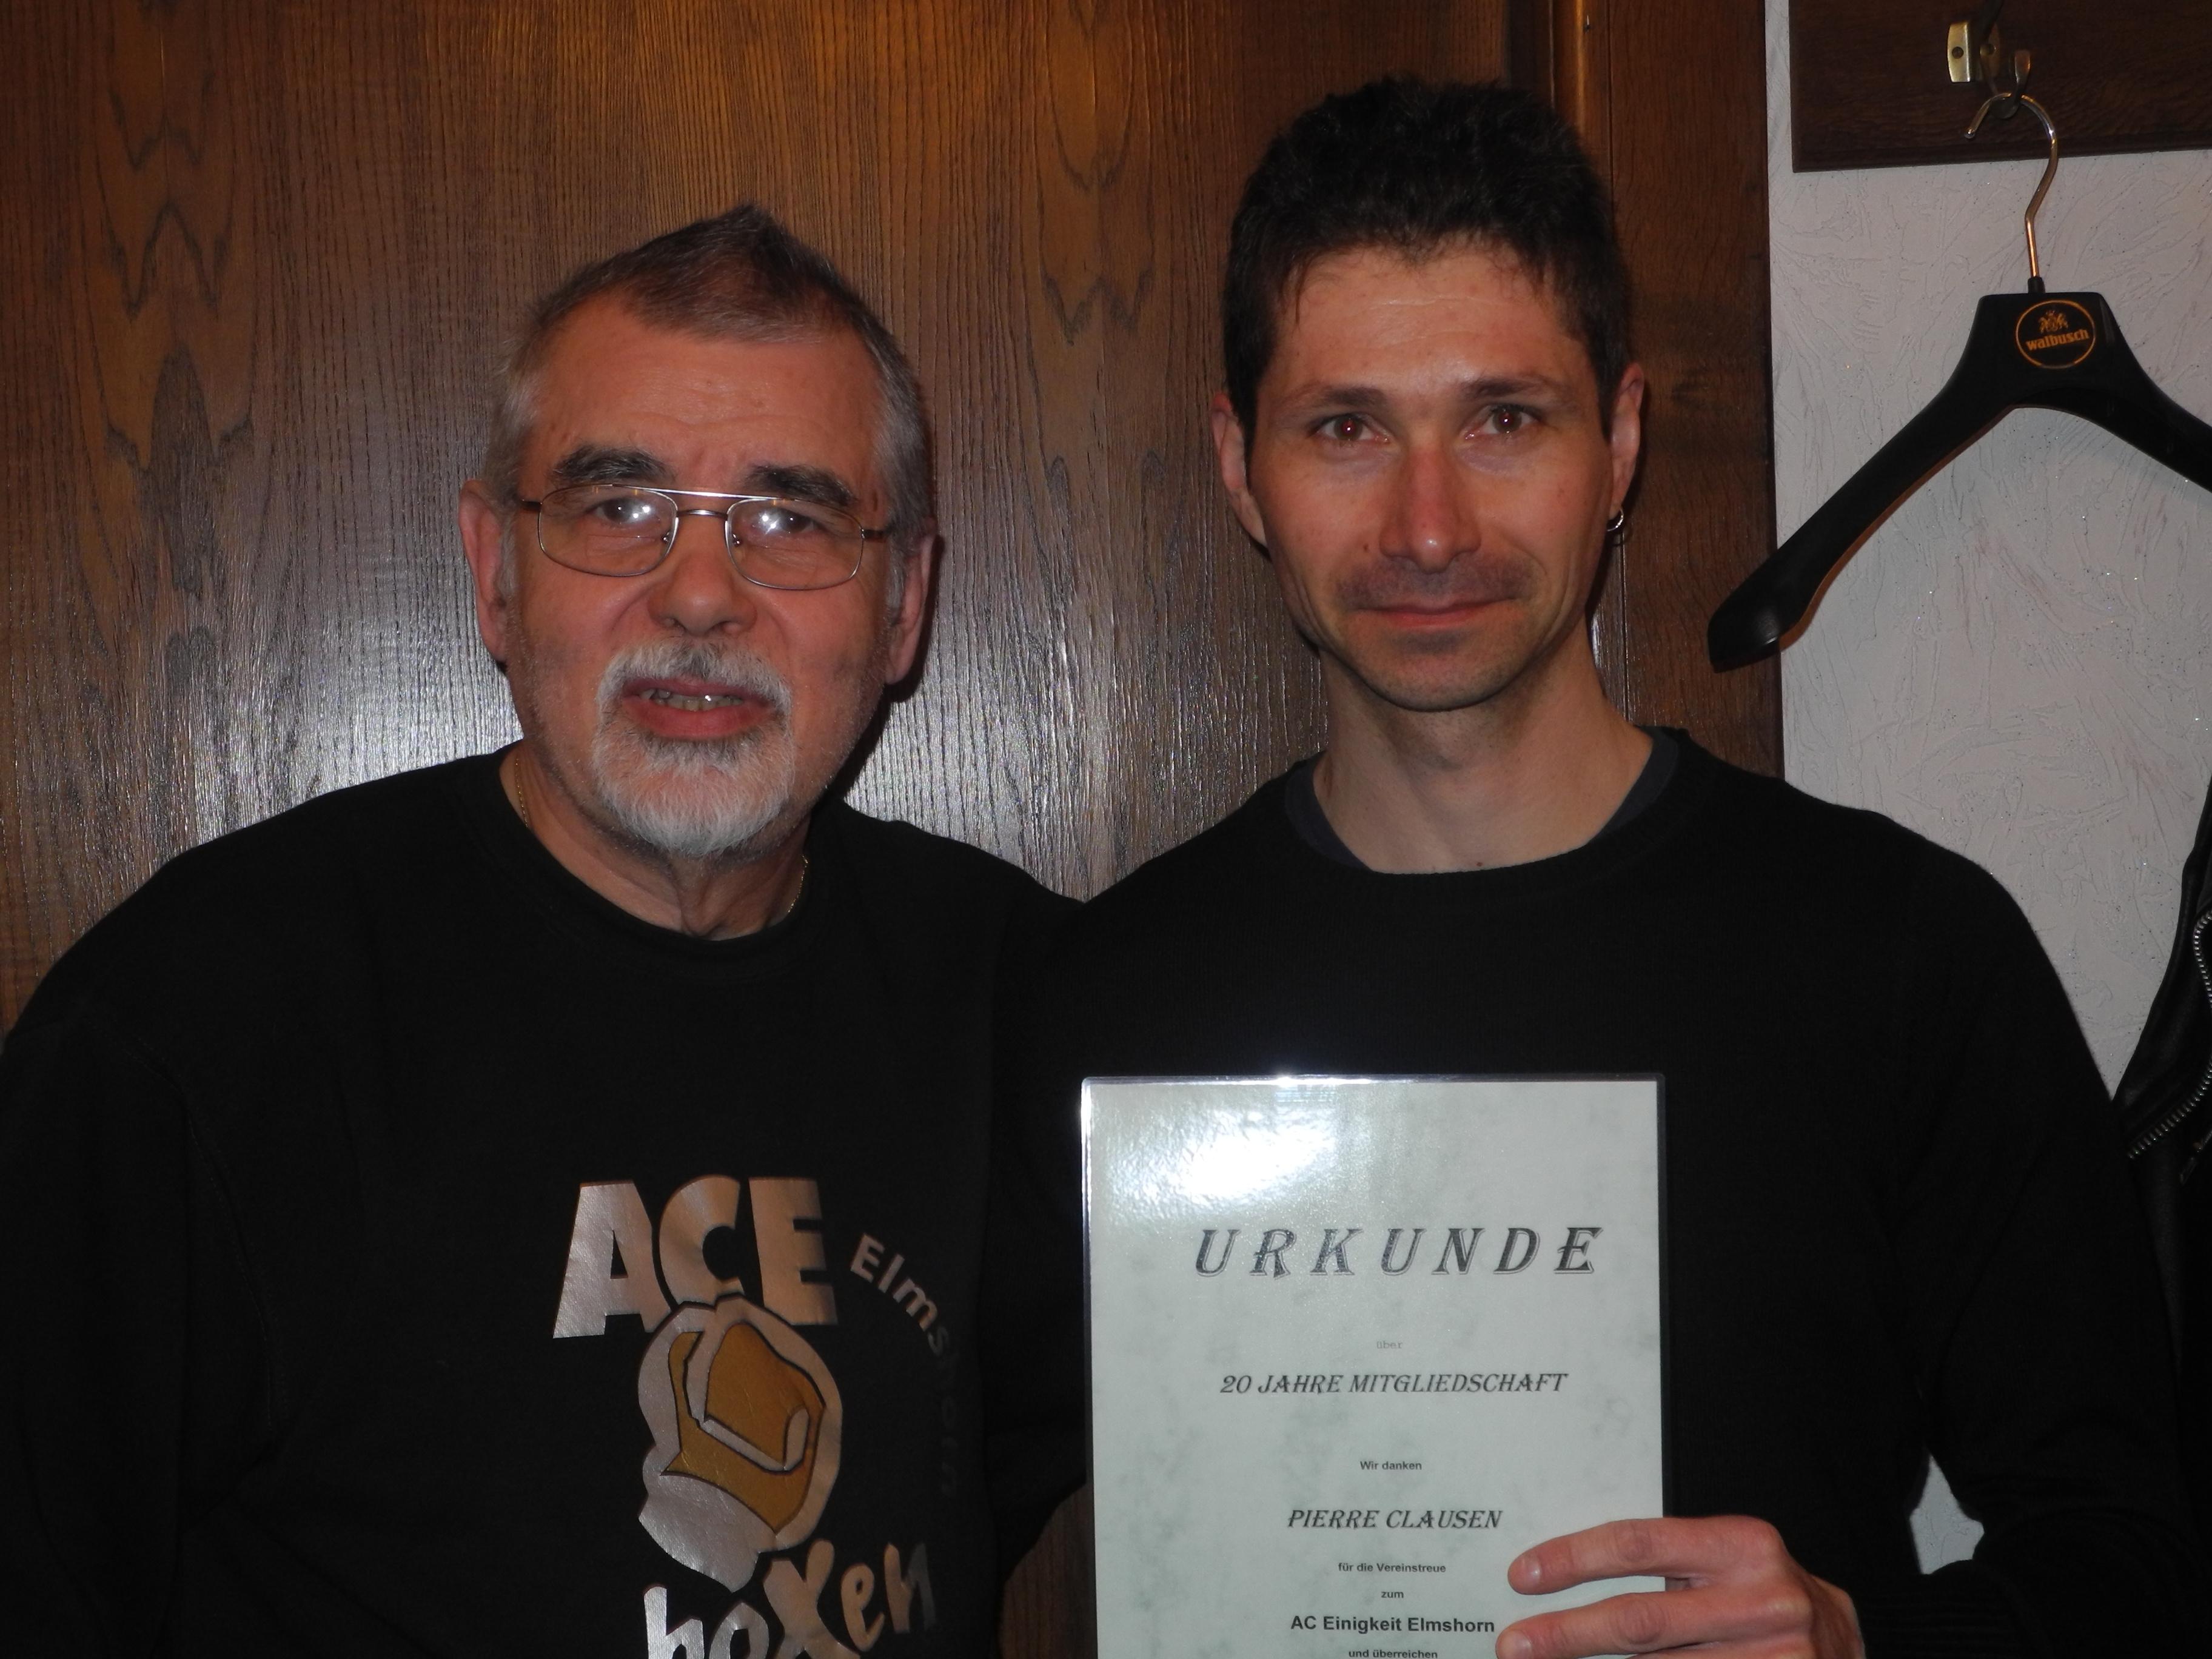 Pierre Clausen (re.) - 20 Jahre Mitglied im AC Einigkeit Elmshorn